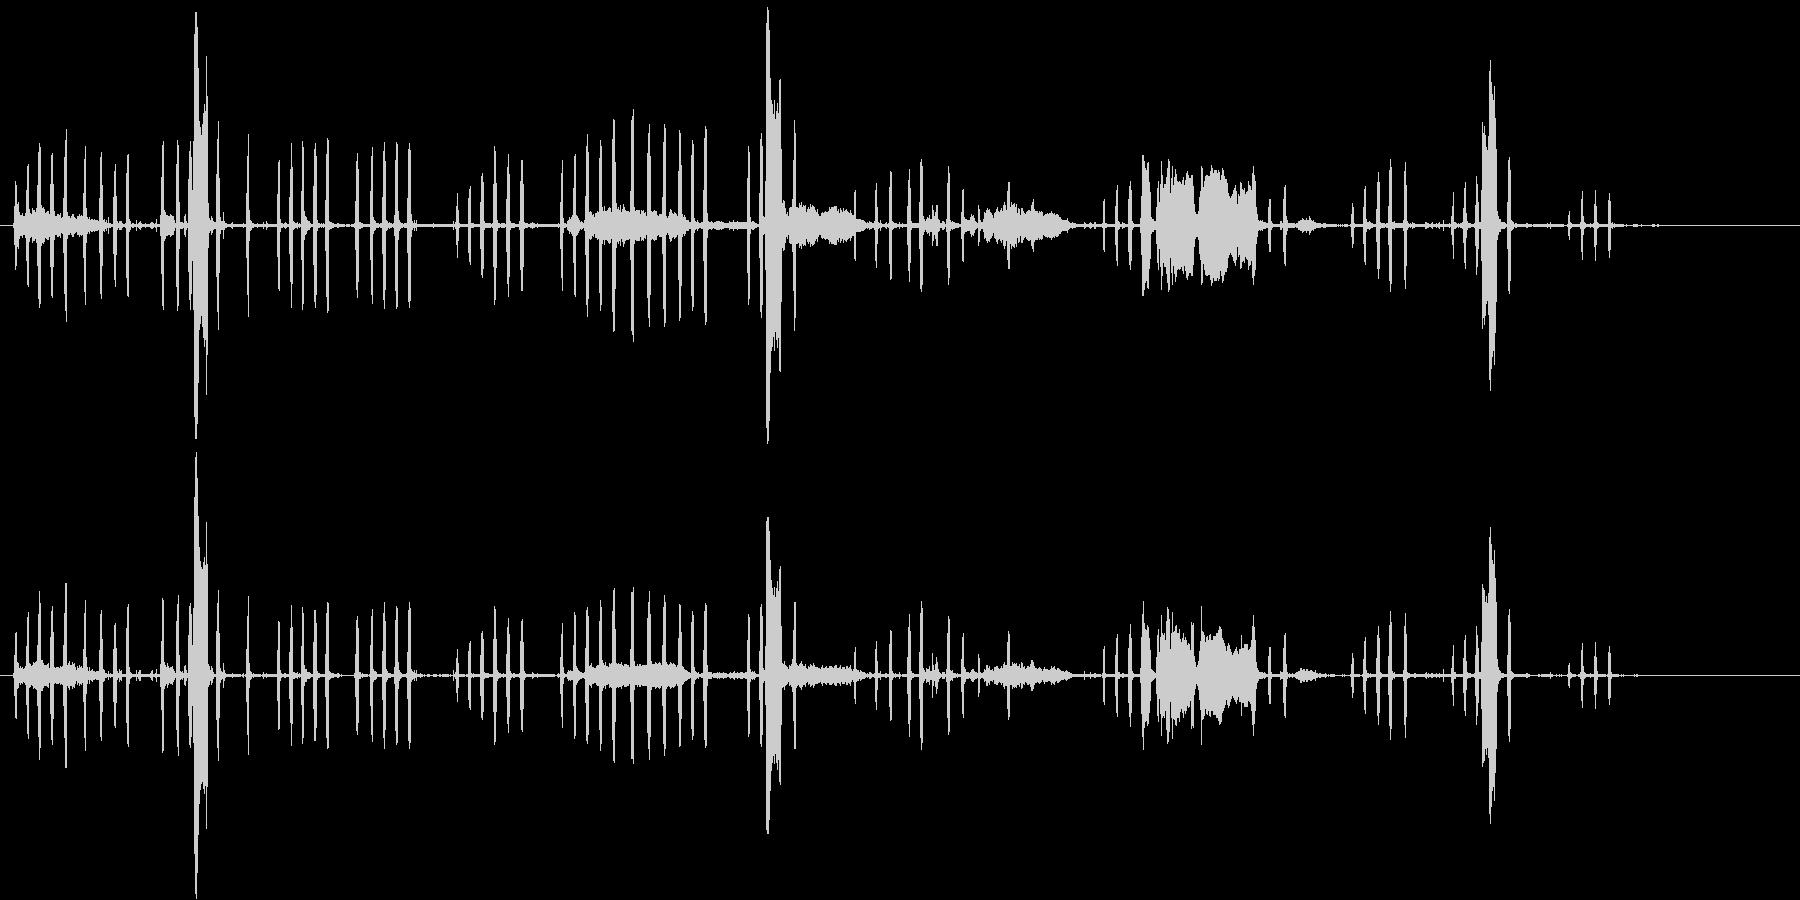 ニワトリの鳴き声、カラス。オンドリ...の未再生の波形